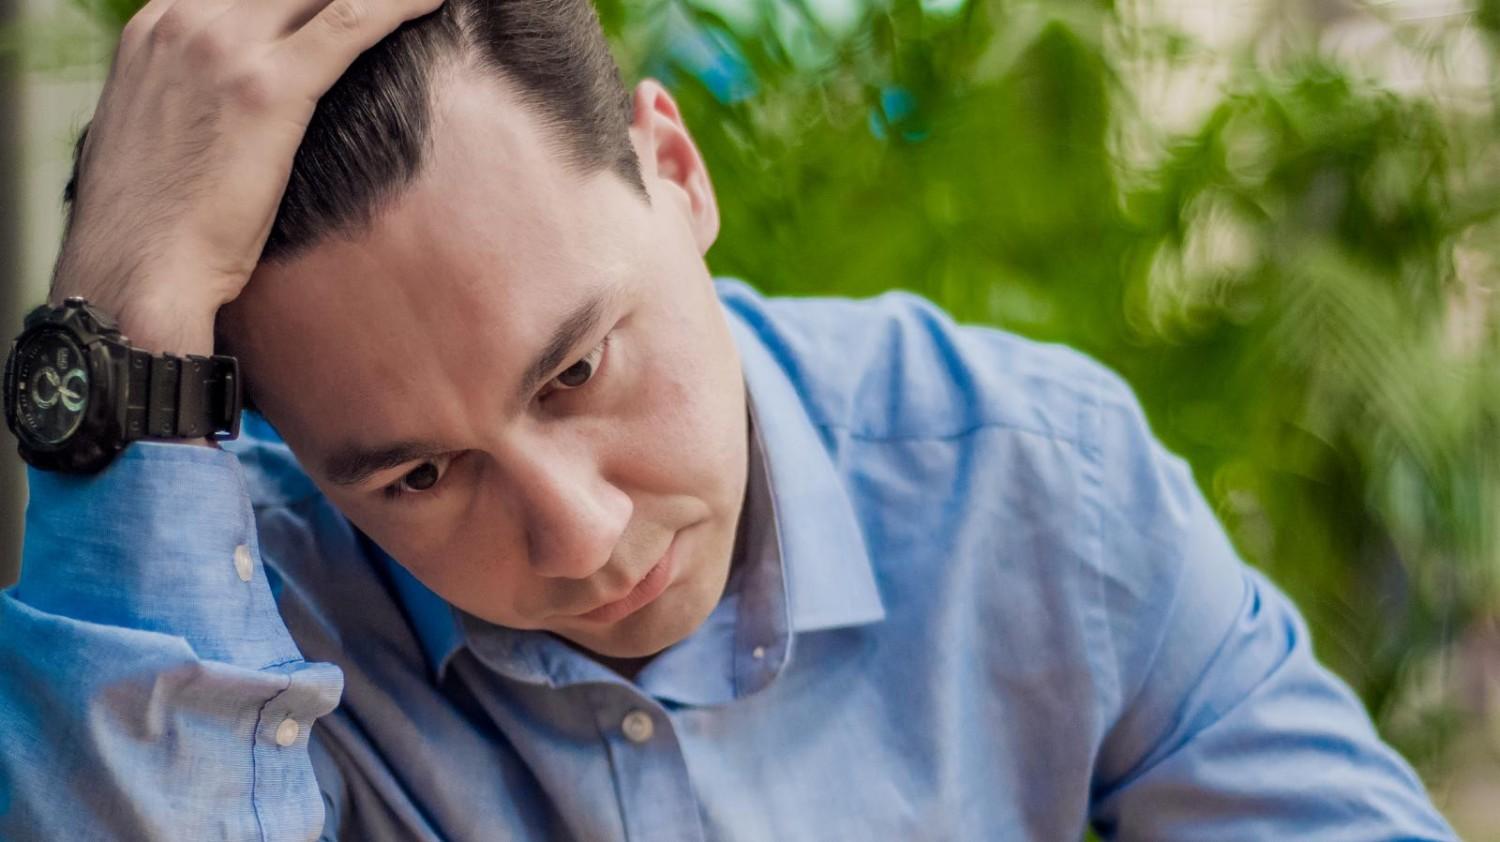 Mantida indenização a bancário aposentado por síndrome de burnout